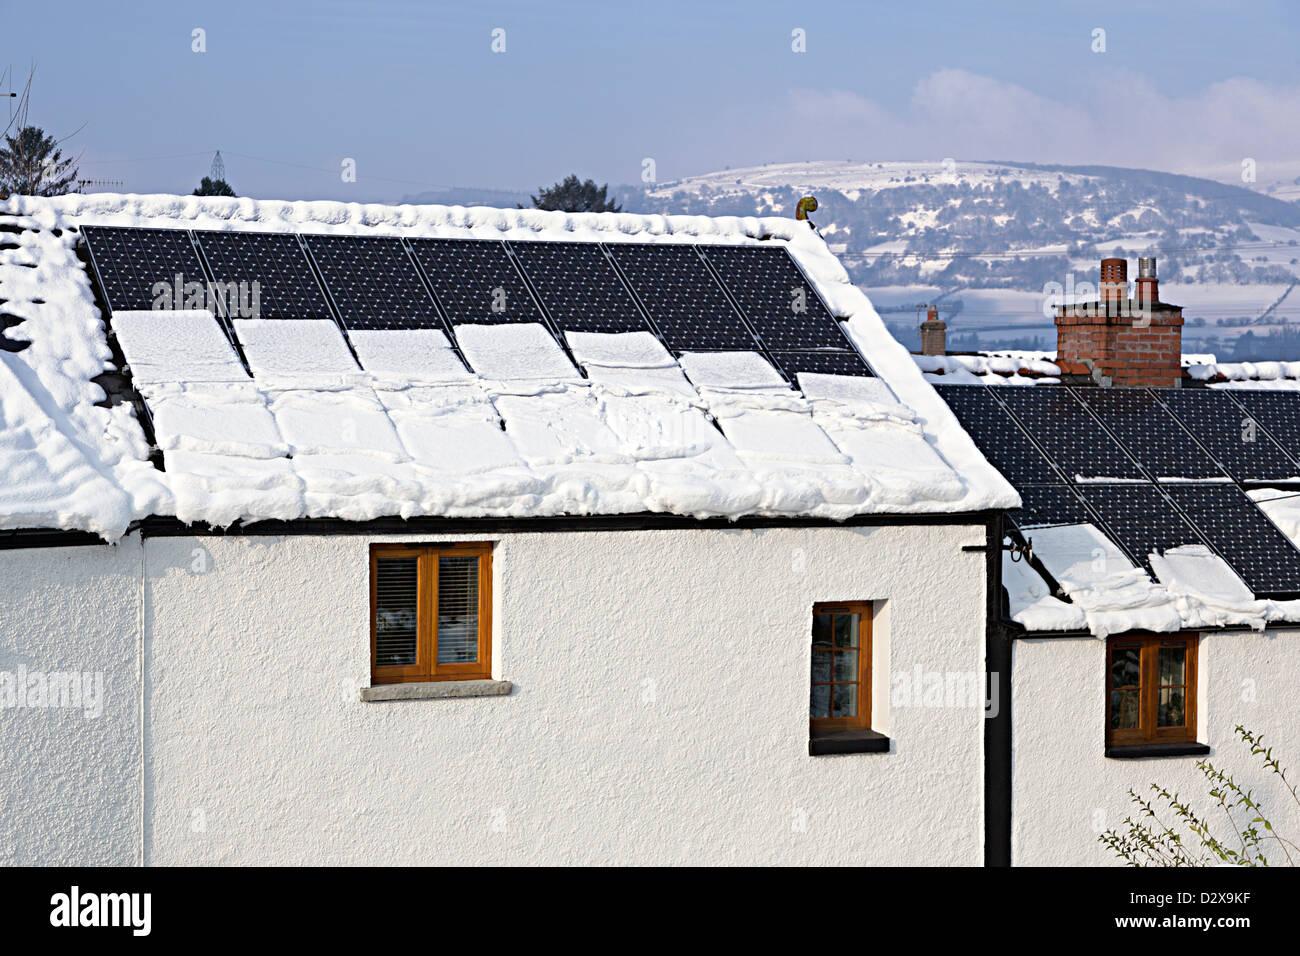 La neige glisse de panneaux PV solaire et mettre du poids sur les gouttières de la maison, Llanfoist, Pays Photo Stock